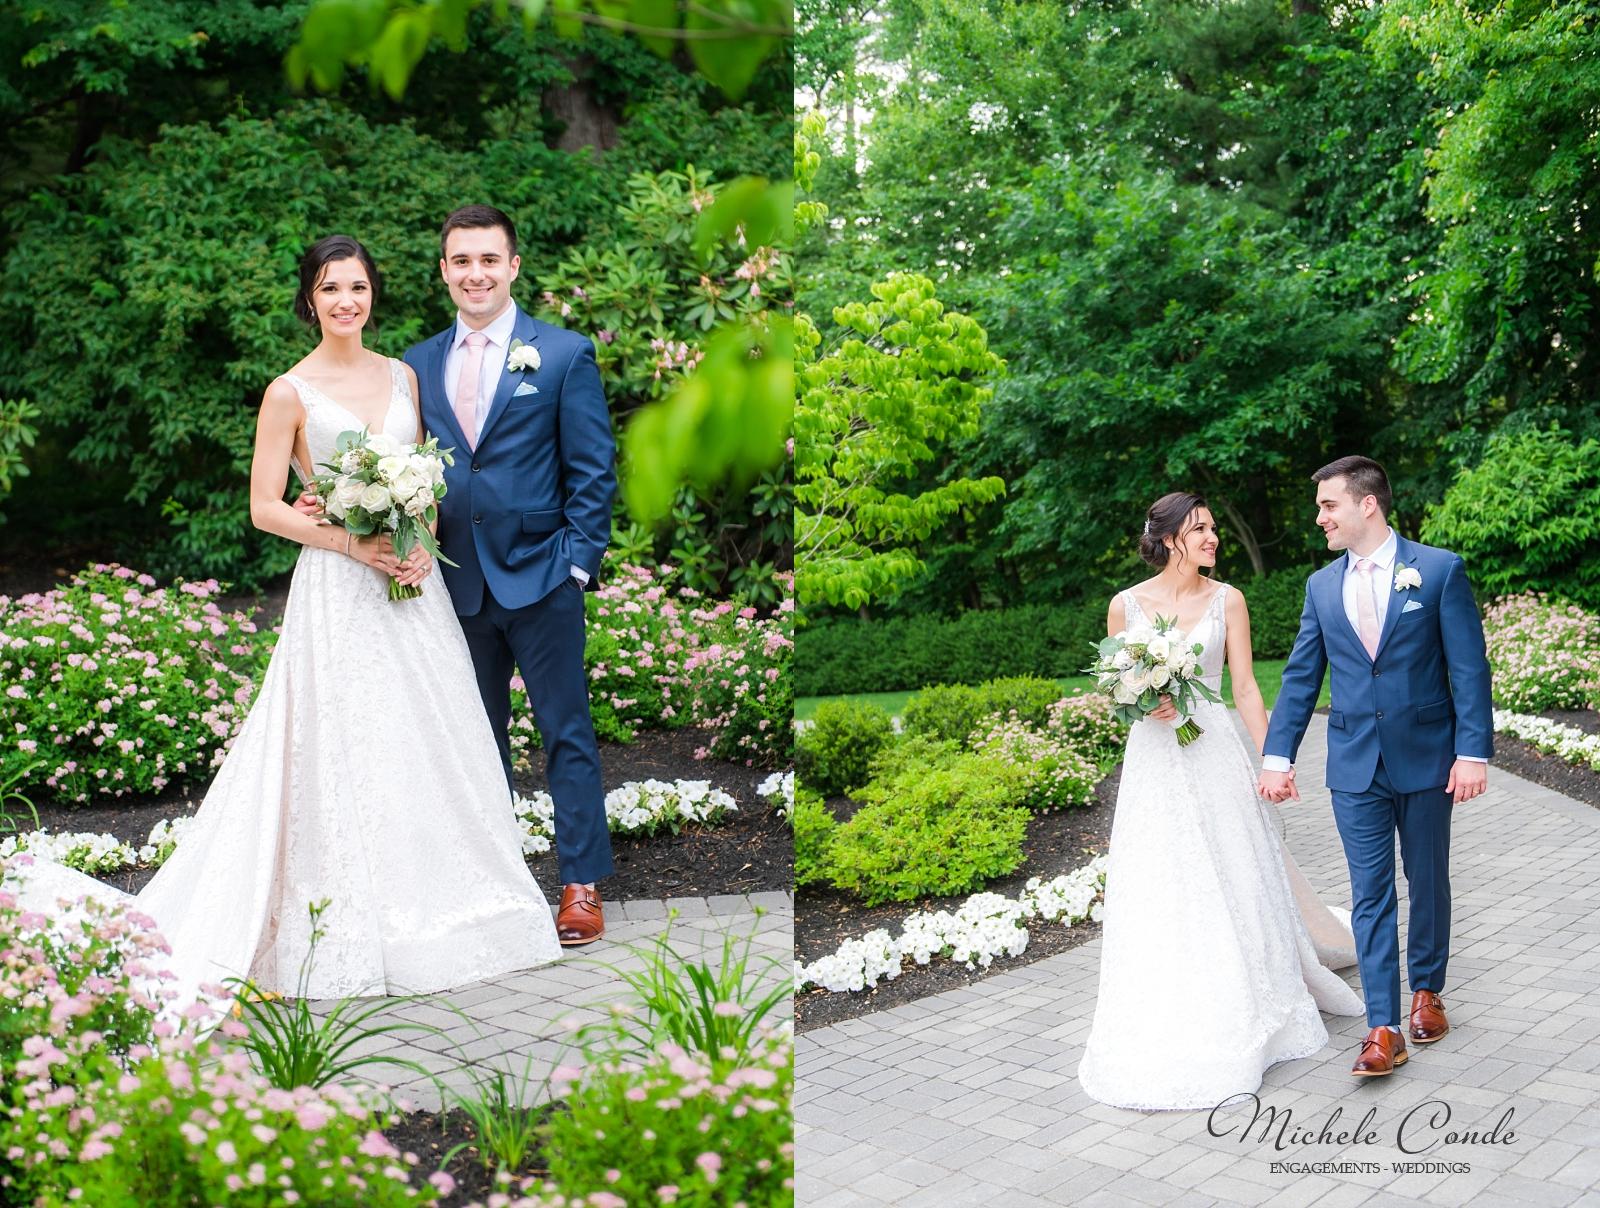 lakeview pavilion wedding foxboro ma wedding photographer